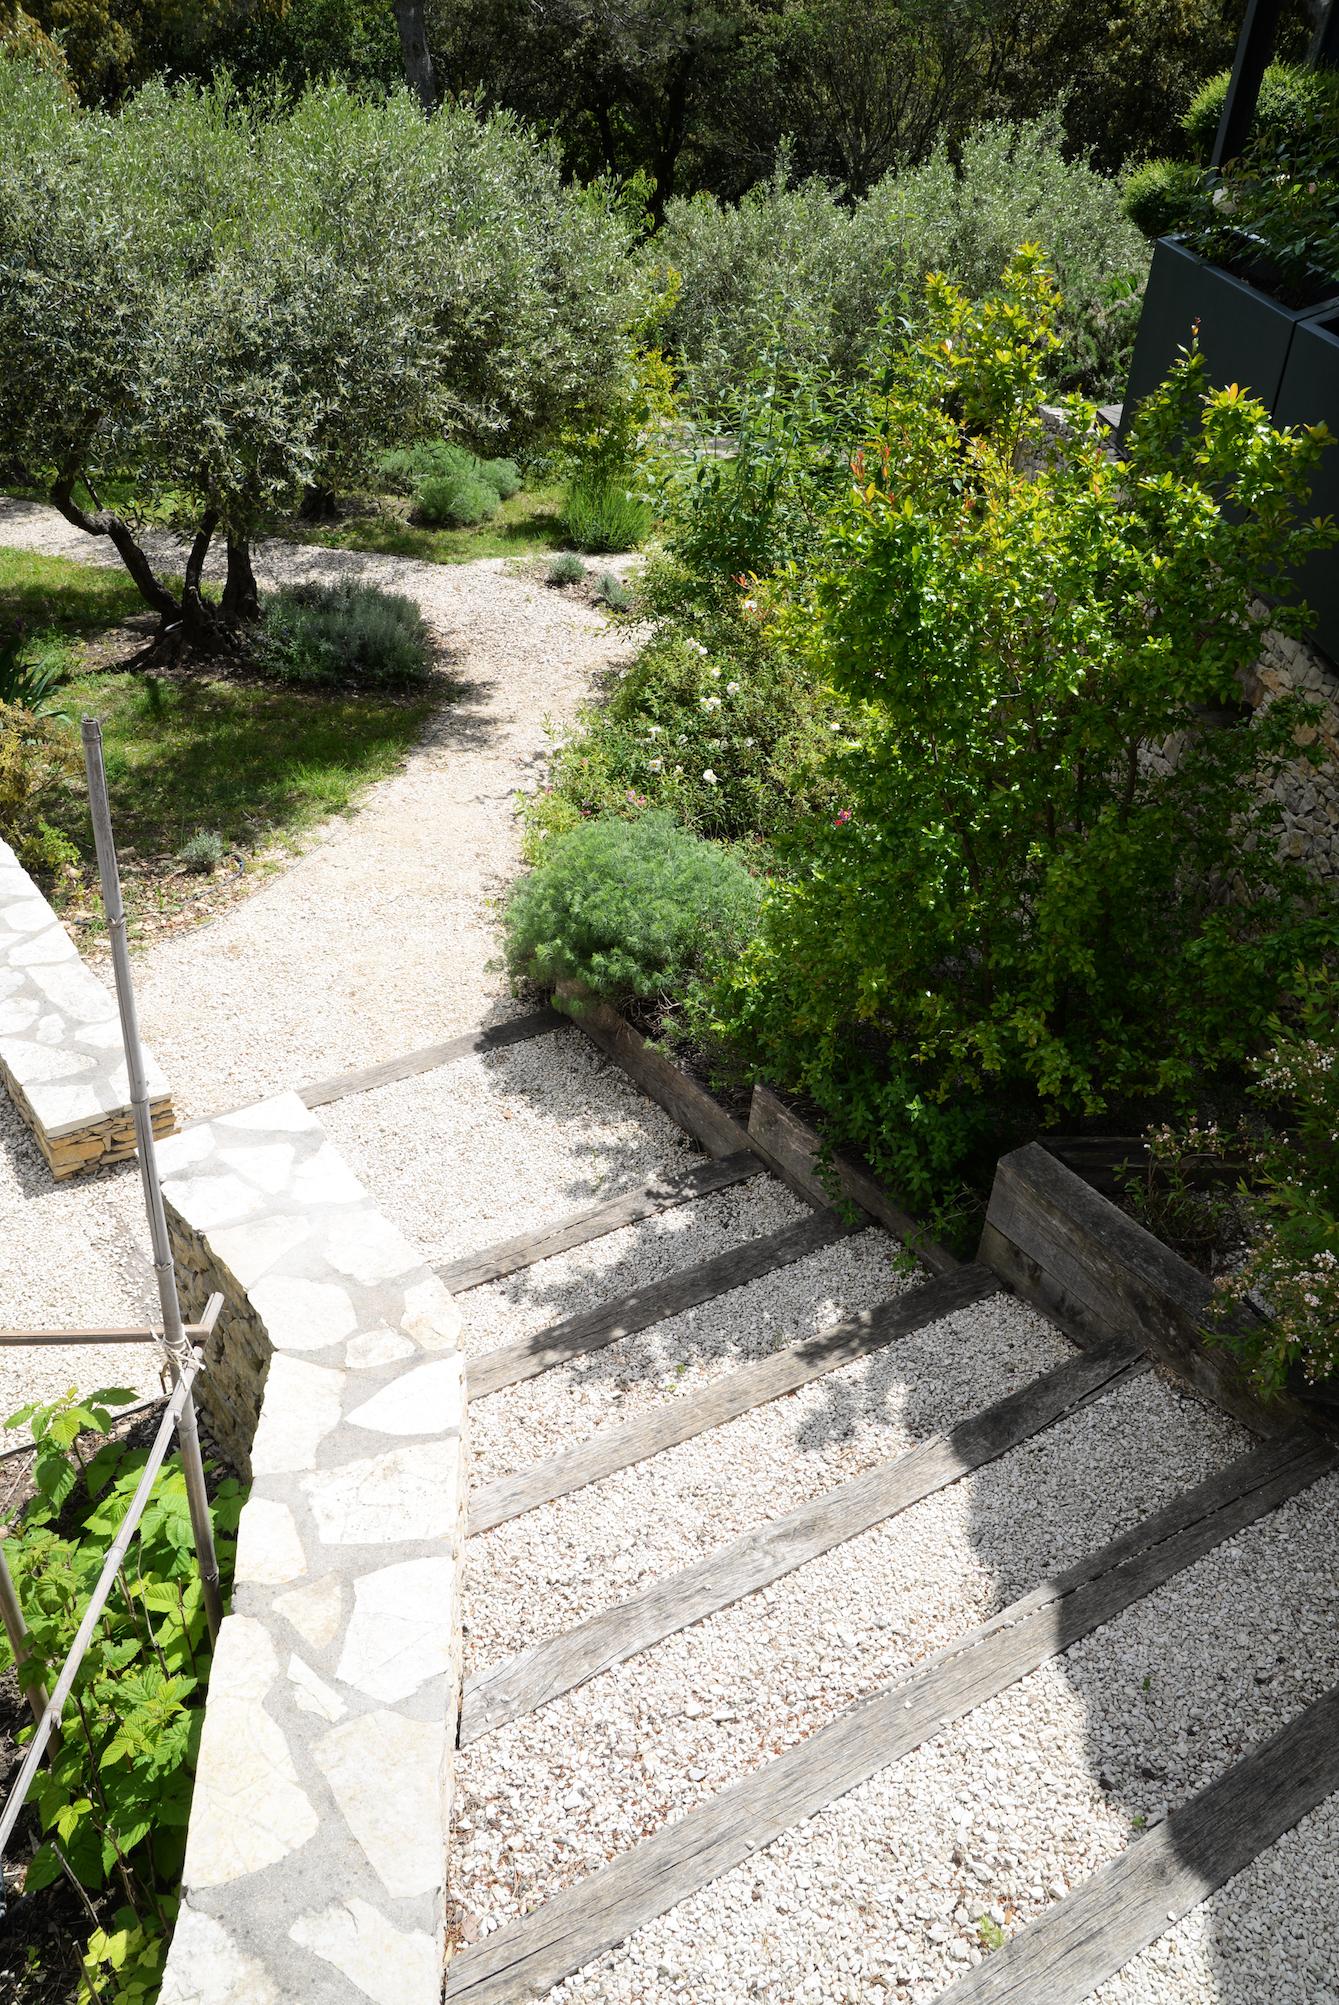 Escalier circulaire conduisant aux jardins en contrebas ; Frédéric Trifilio, Jardin des Arcades